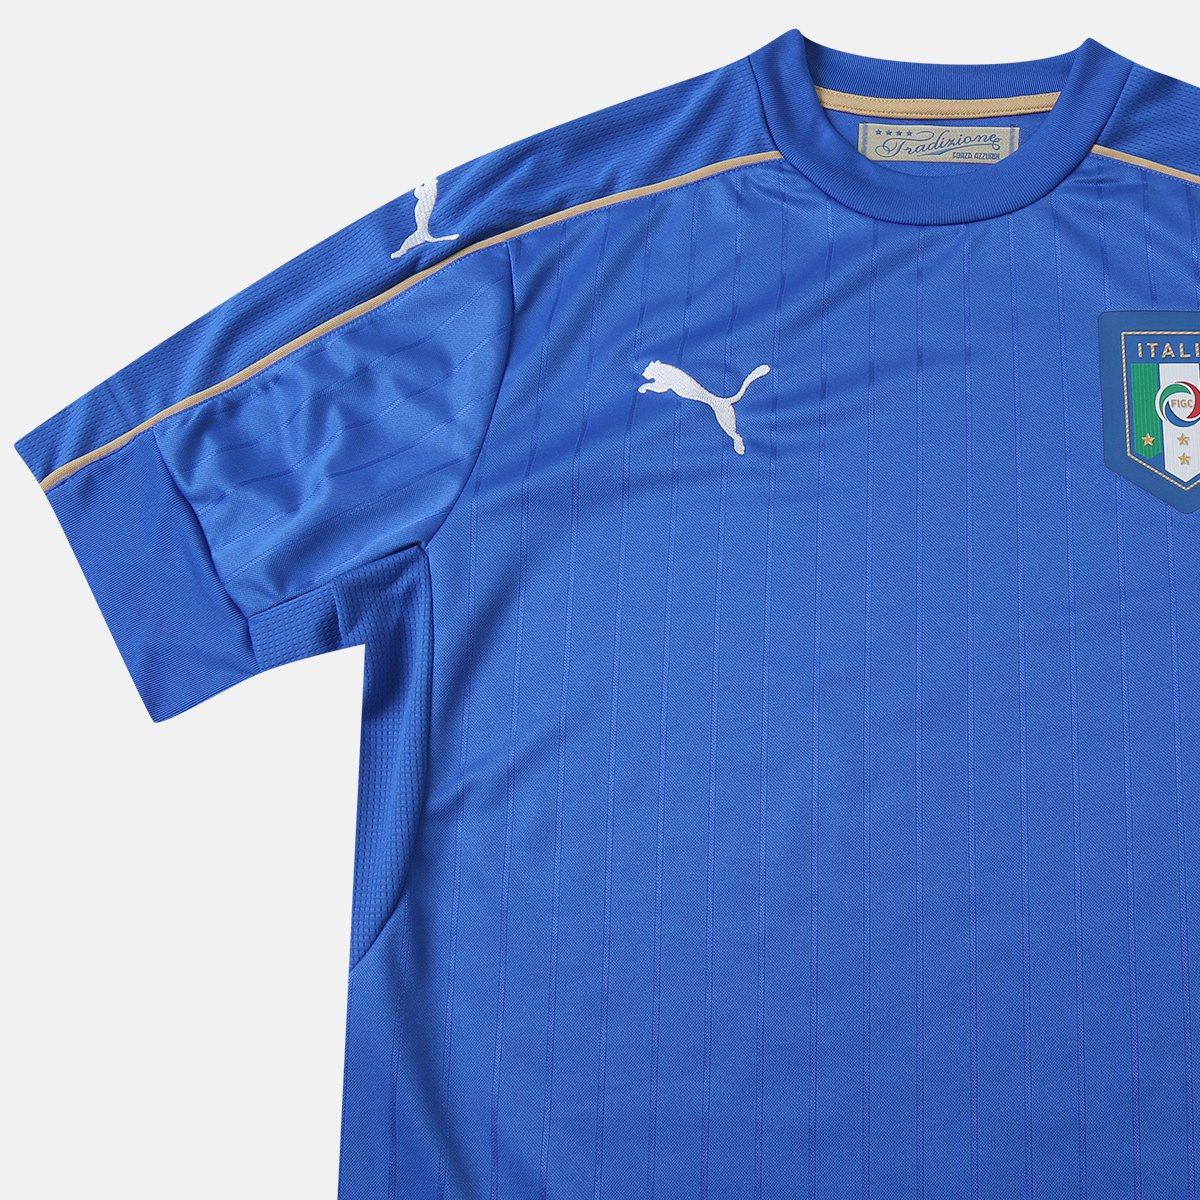 Camisa Seleção Itália Home s nº 2016 Torcedor Puma Masculina ... 42a6b47d48b2a